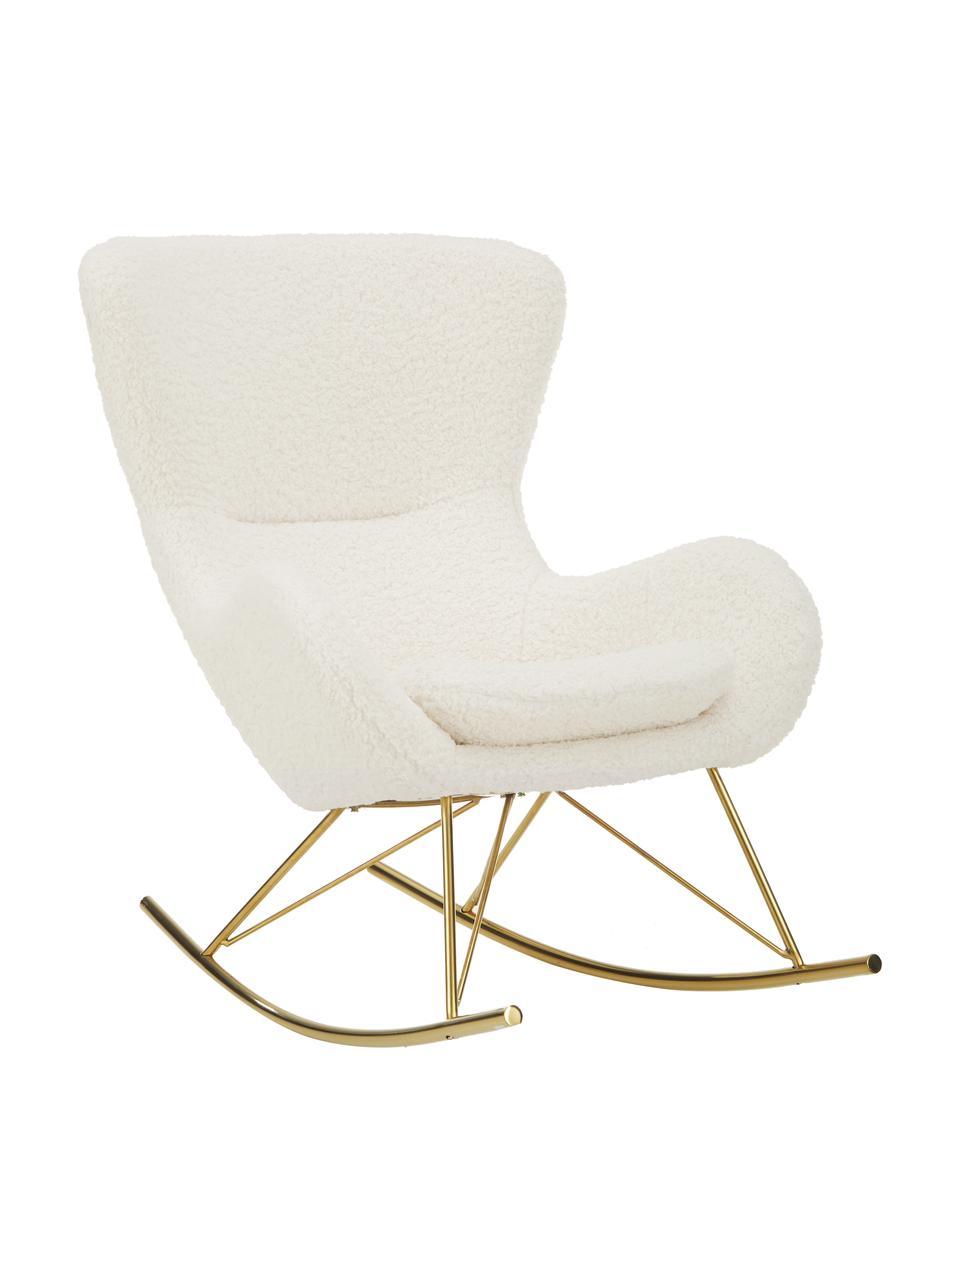 Teddy schommelstoel Wing met metalen poten in crèmewit, Bekleding: polyester (teddyvacht), Frame: gegalvaniseerd metaal, Crèmewit, 66 x 102 cm